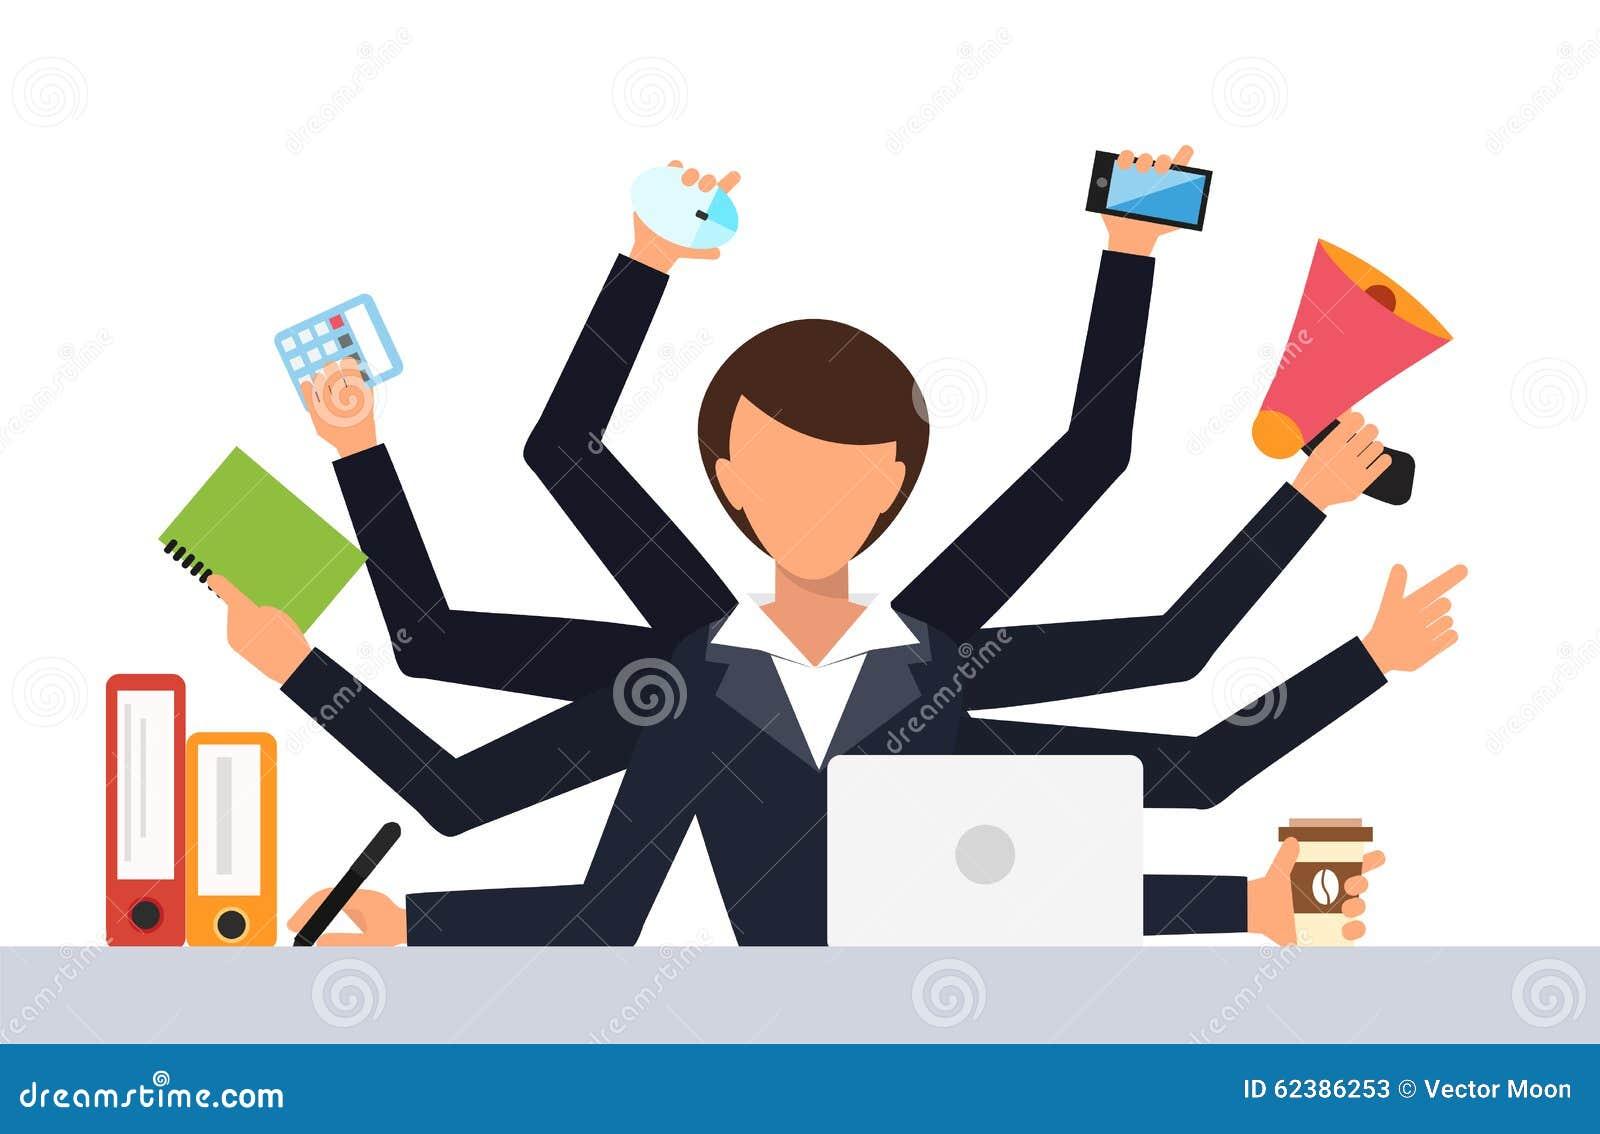 Illustration de vecteur de travail de stress du travail de bureau illustration de vecteur for Photos gratuites travail bureau